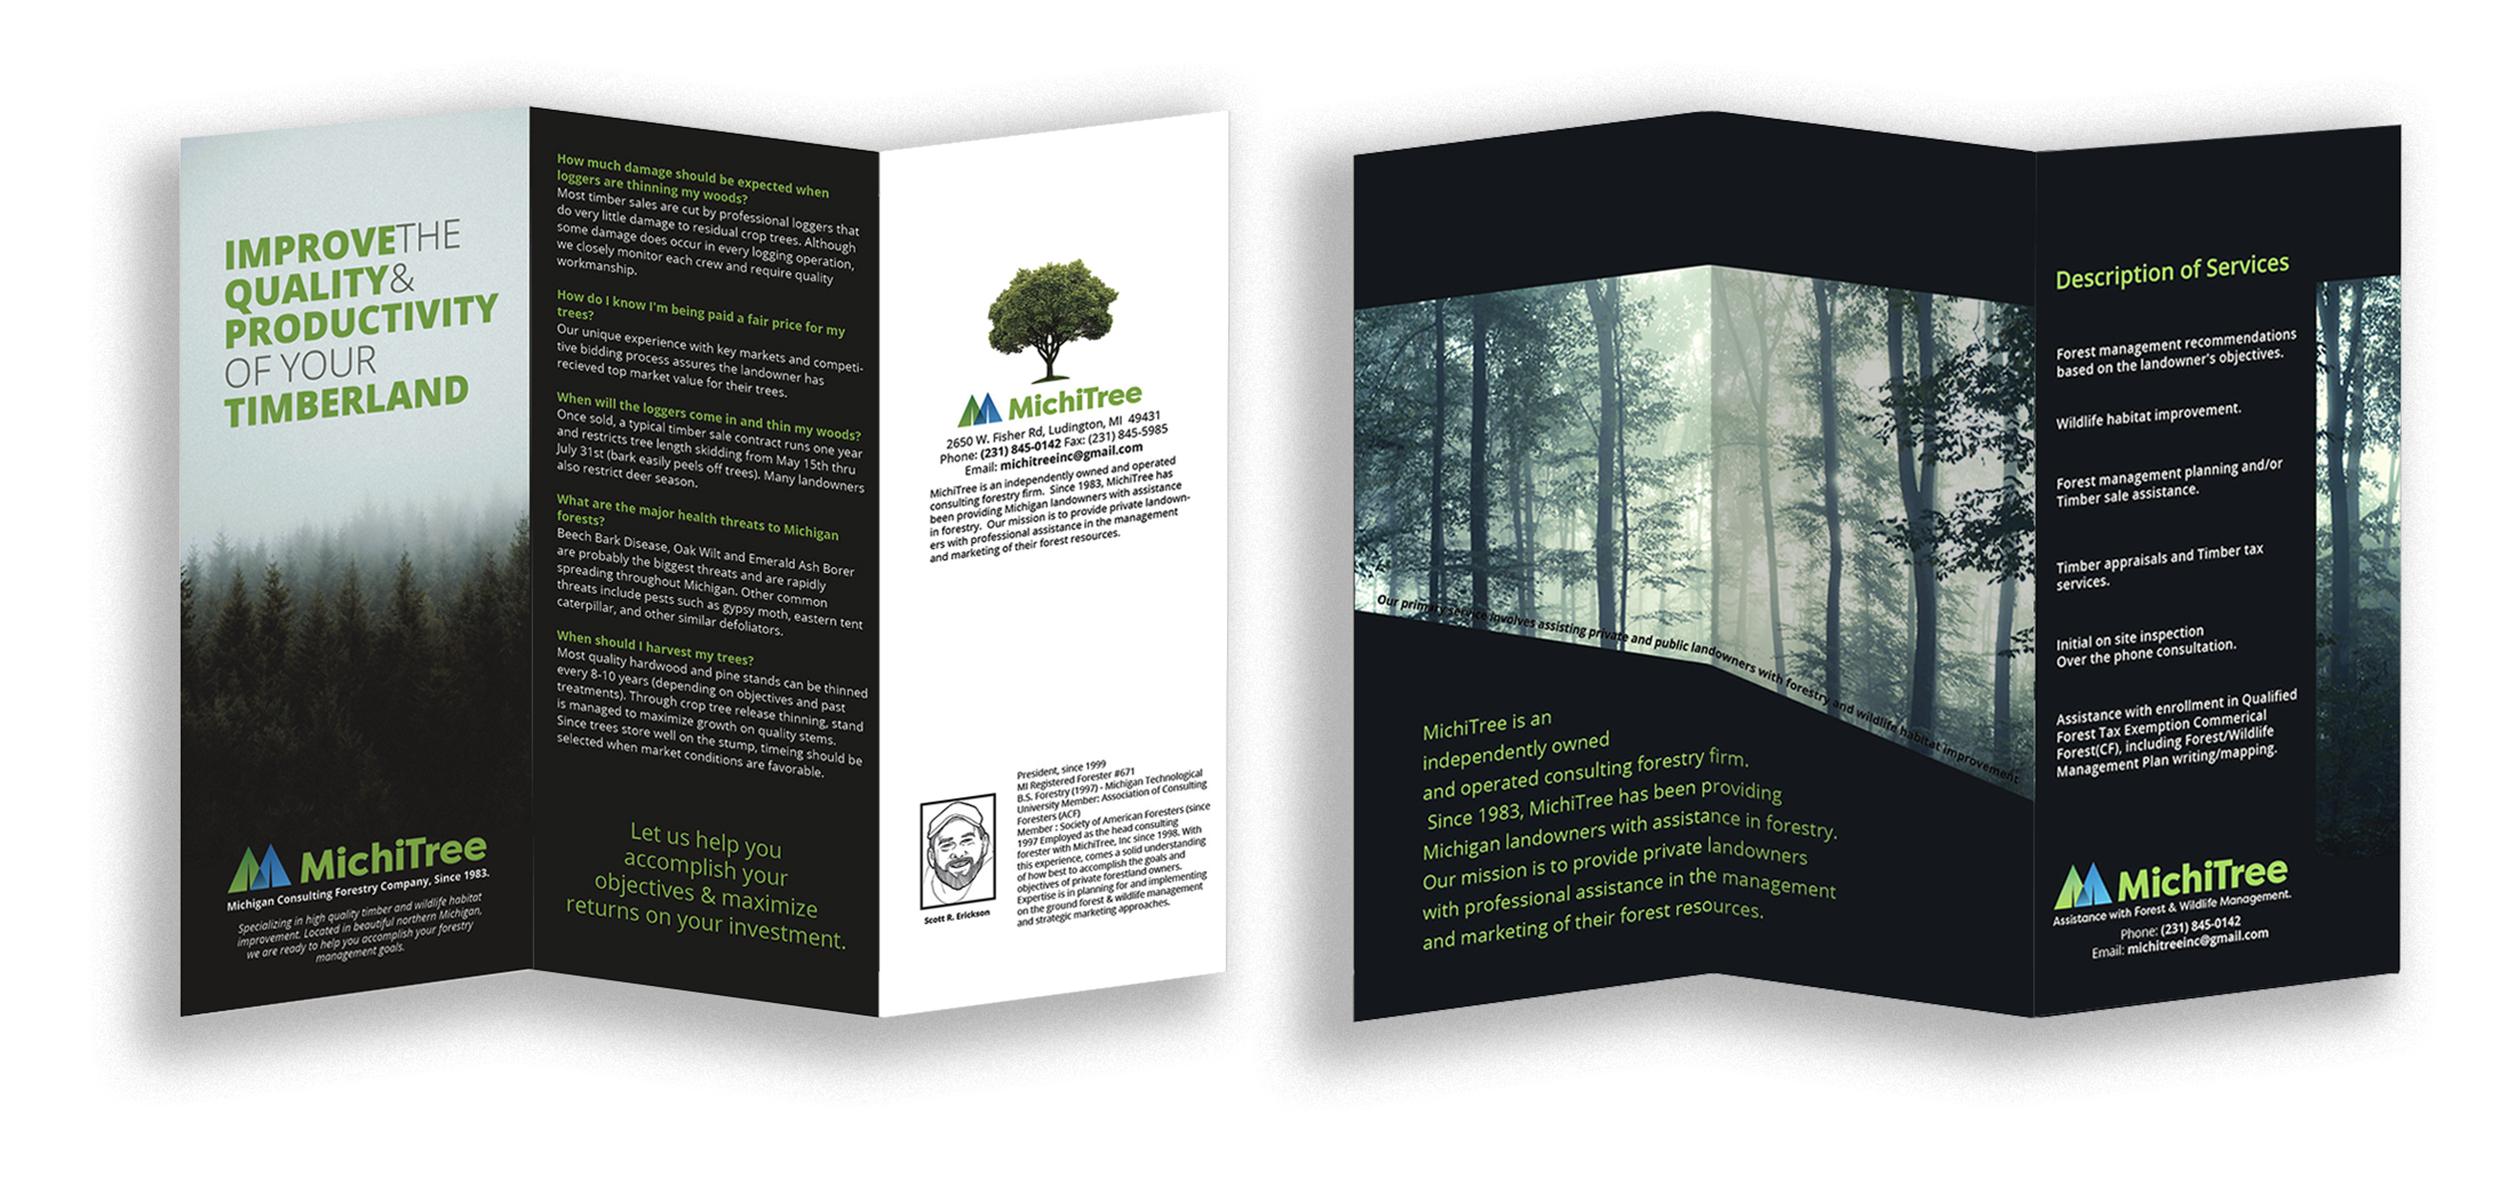 folded michitree brochure.jpg